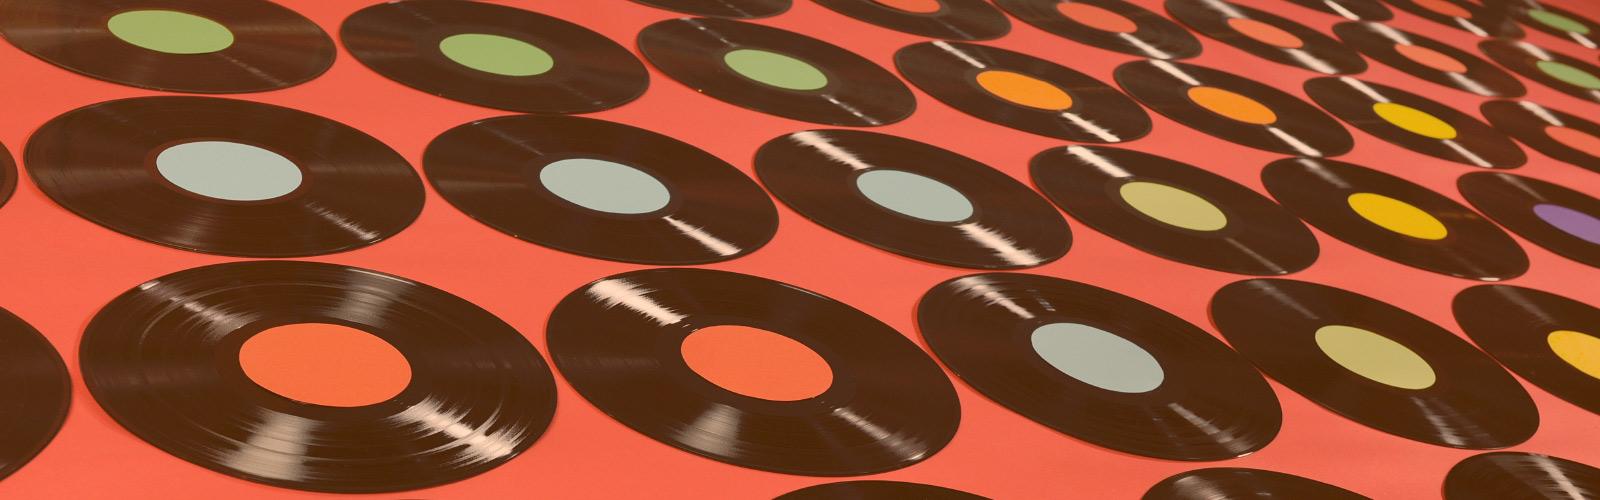 Tutto quello che devi sapere se vuoi mettere la tua musica su vinile.